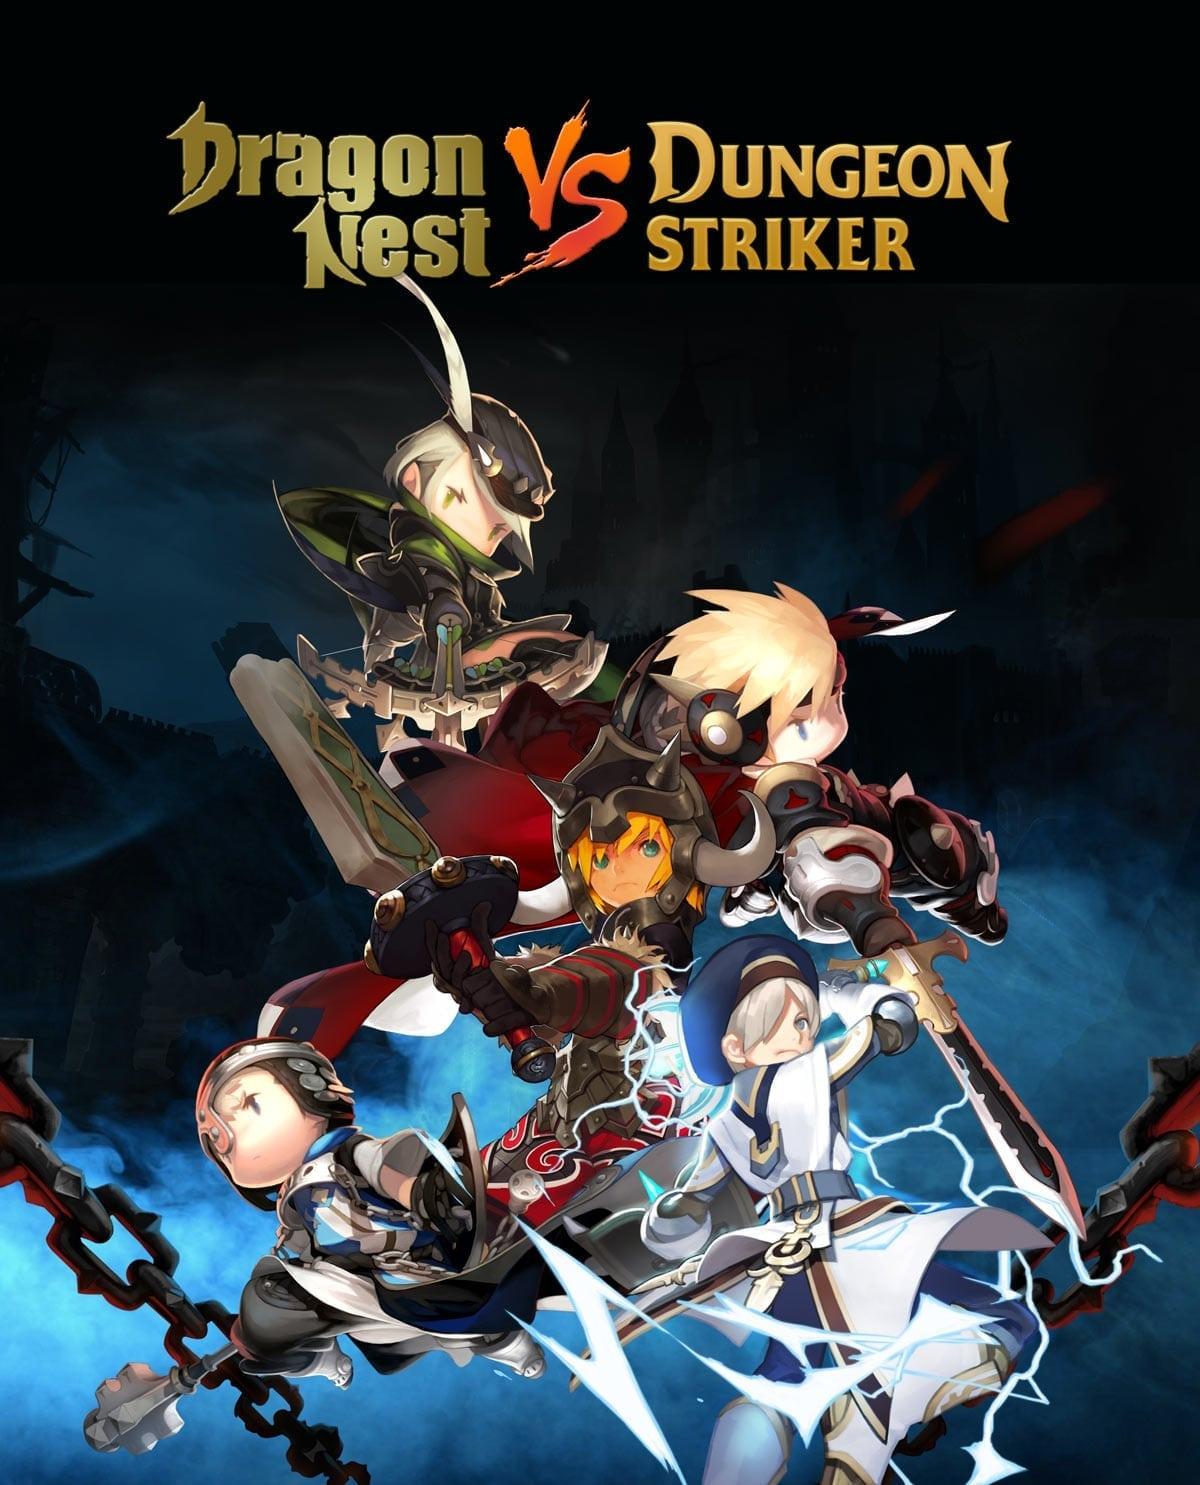 Dragon Nest vs Dungeon Striker